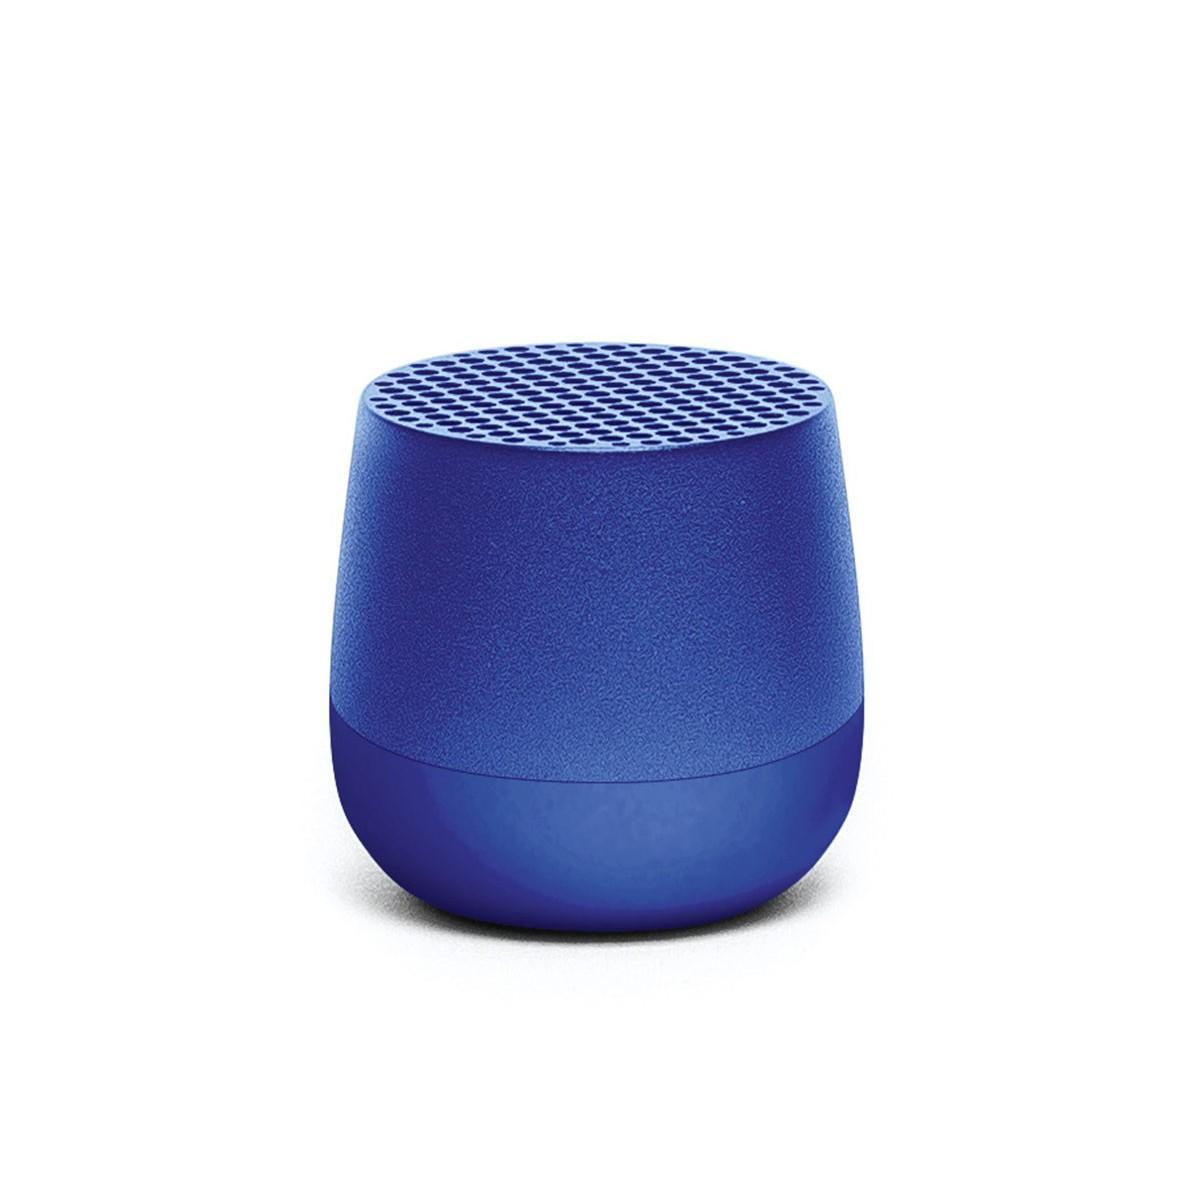 Lexon - Mino - Blu